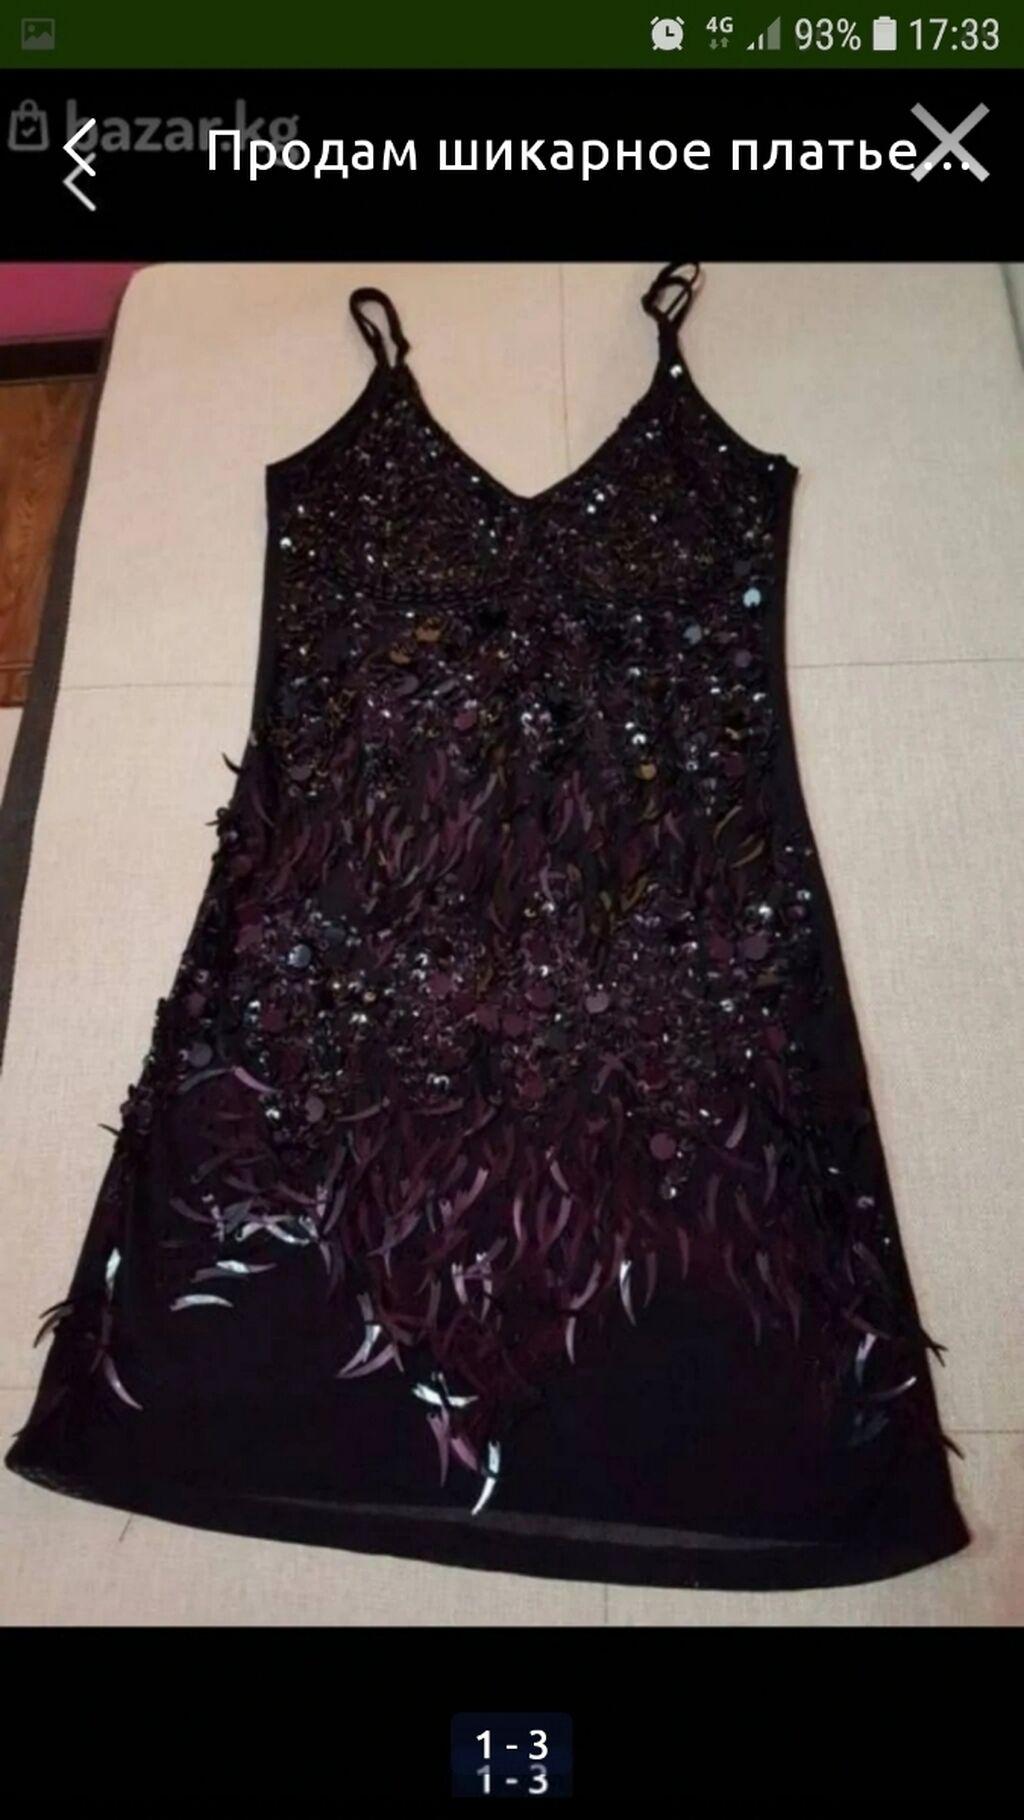 Новое платье,размер S-M подходит,распродаю всё,смотрите профиль   Объявление создано 17 Декабрь 2017 07:44:40: Новое платье,размер S-M подходит,распродаю всё,смотрите профиль